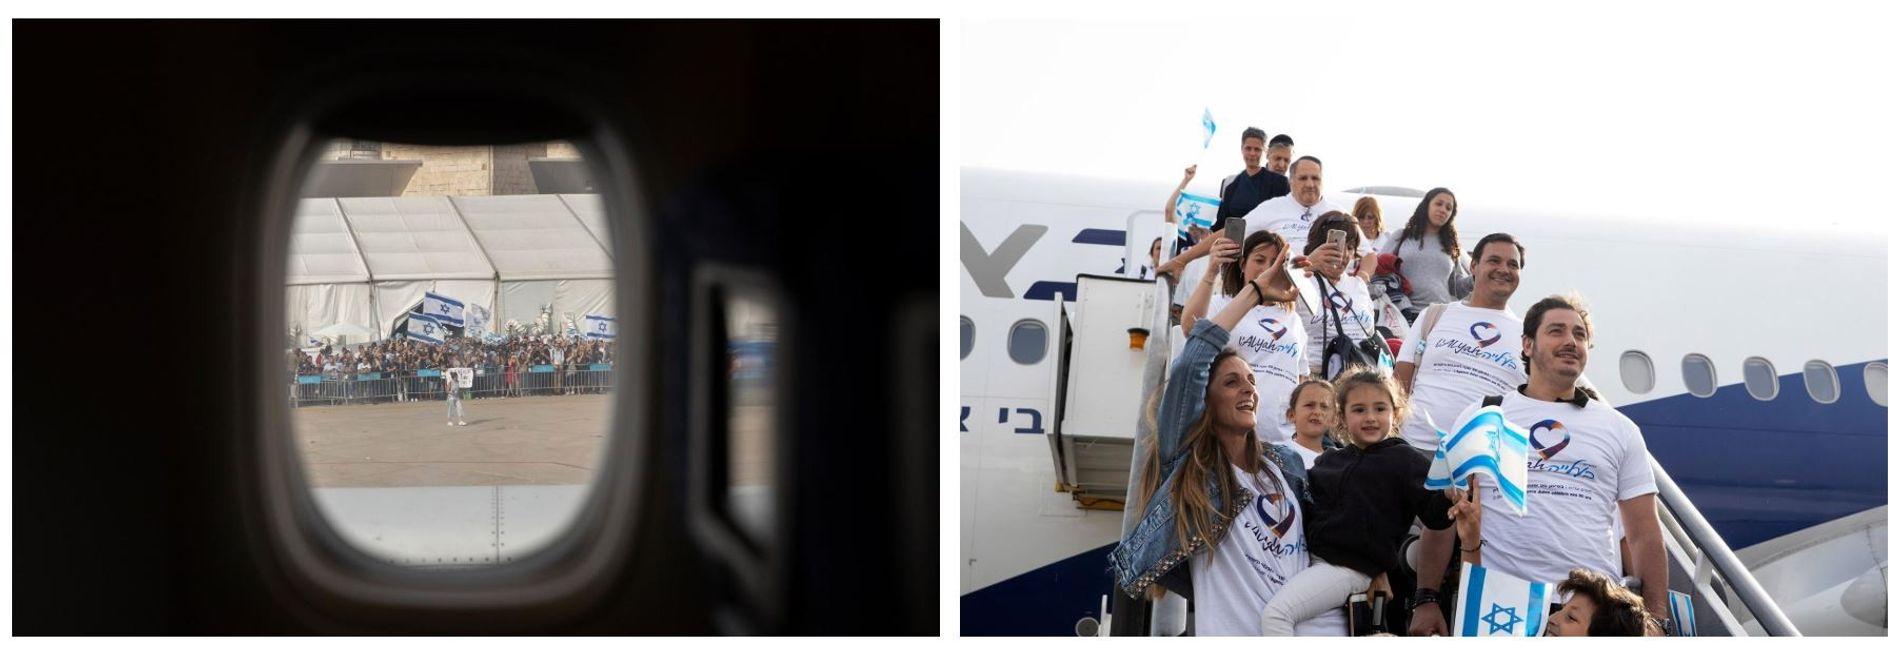 Esquerda: Uma multidão reunida em celebração na pista do aeroporto Ben Gurion, em Telavive, para receber ...